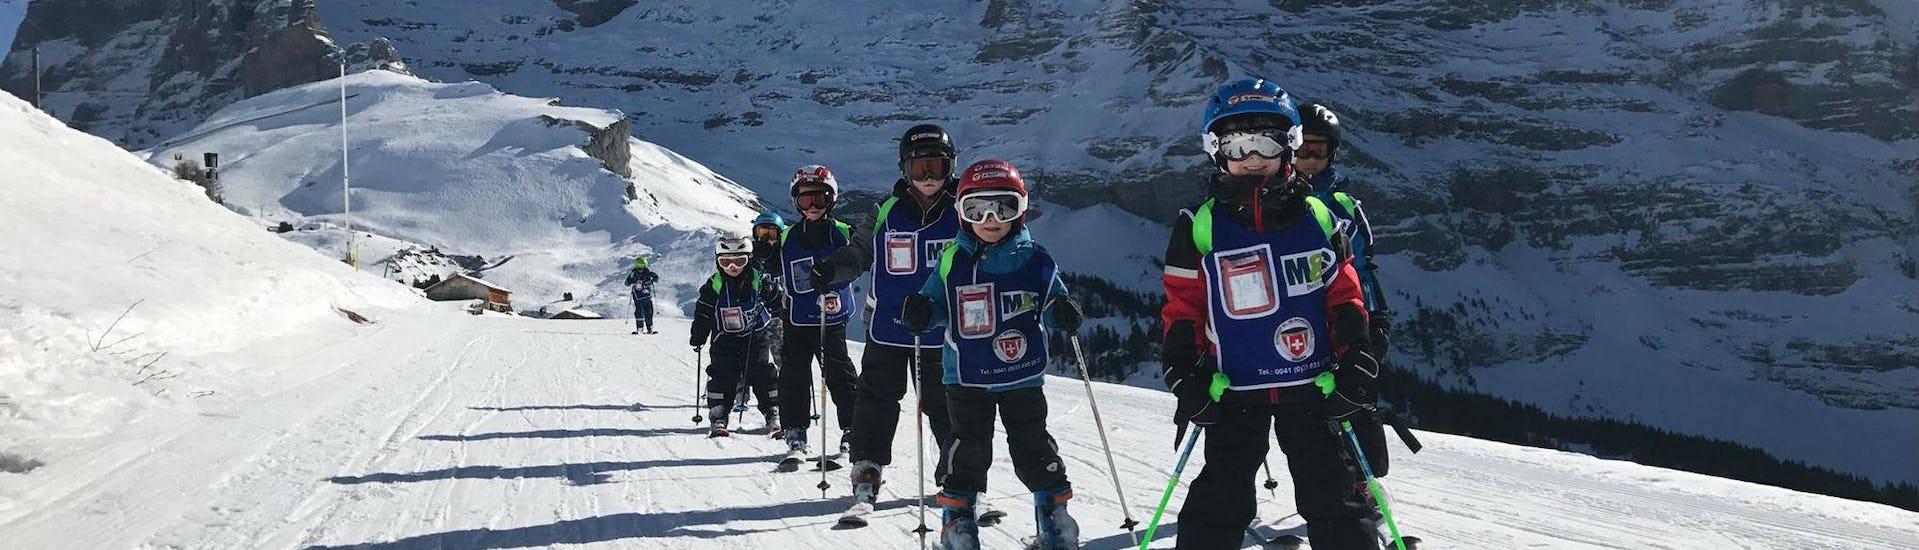 Skikurs für Kinder (ab 3 Jahren) - Anfänger